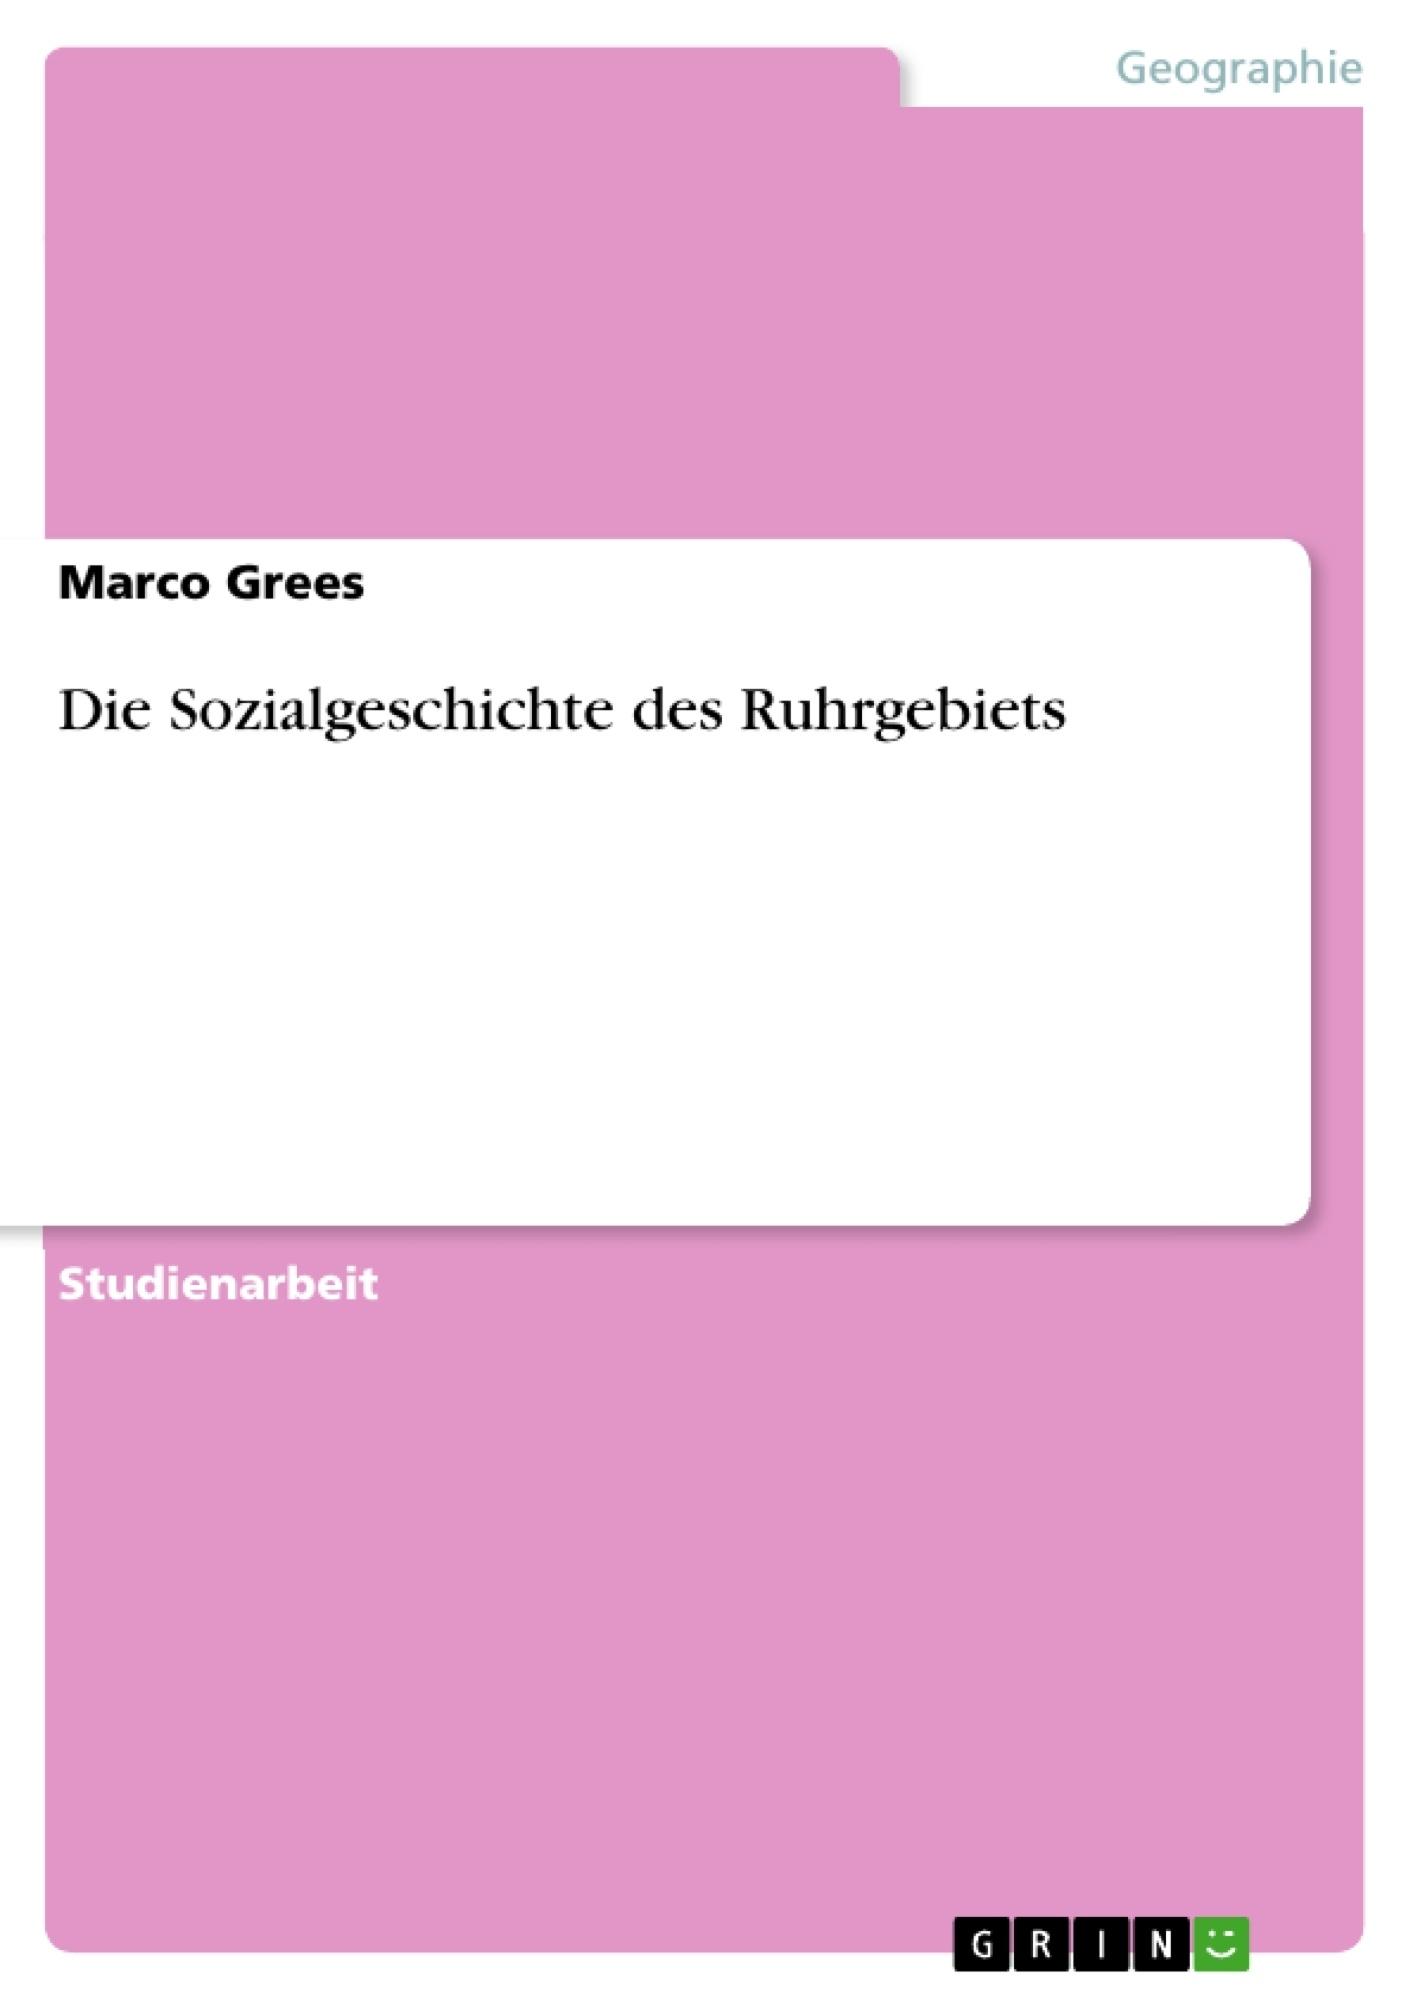 Titel: Die Sozialgeschichte des Ruhrgebiets